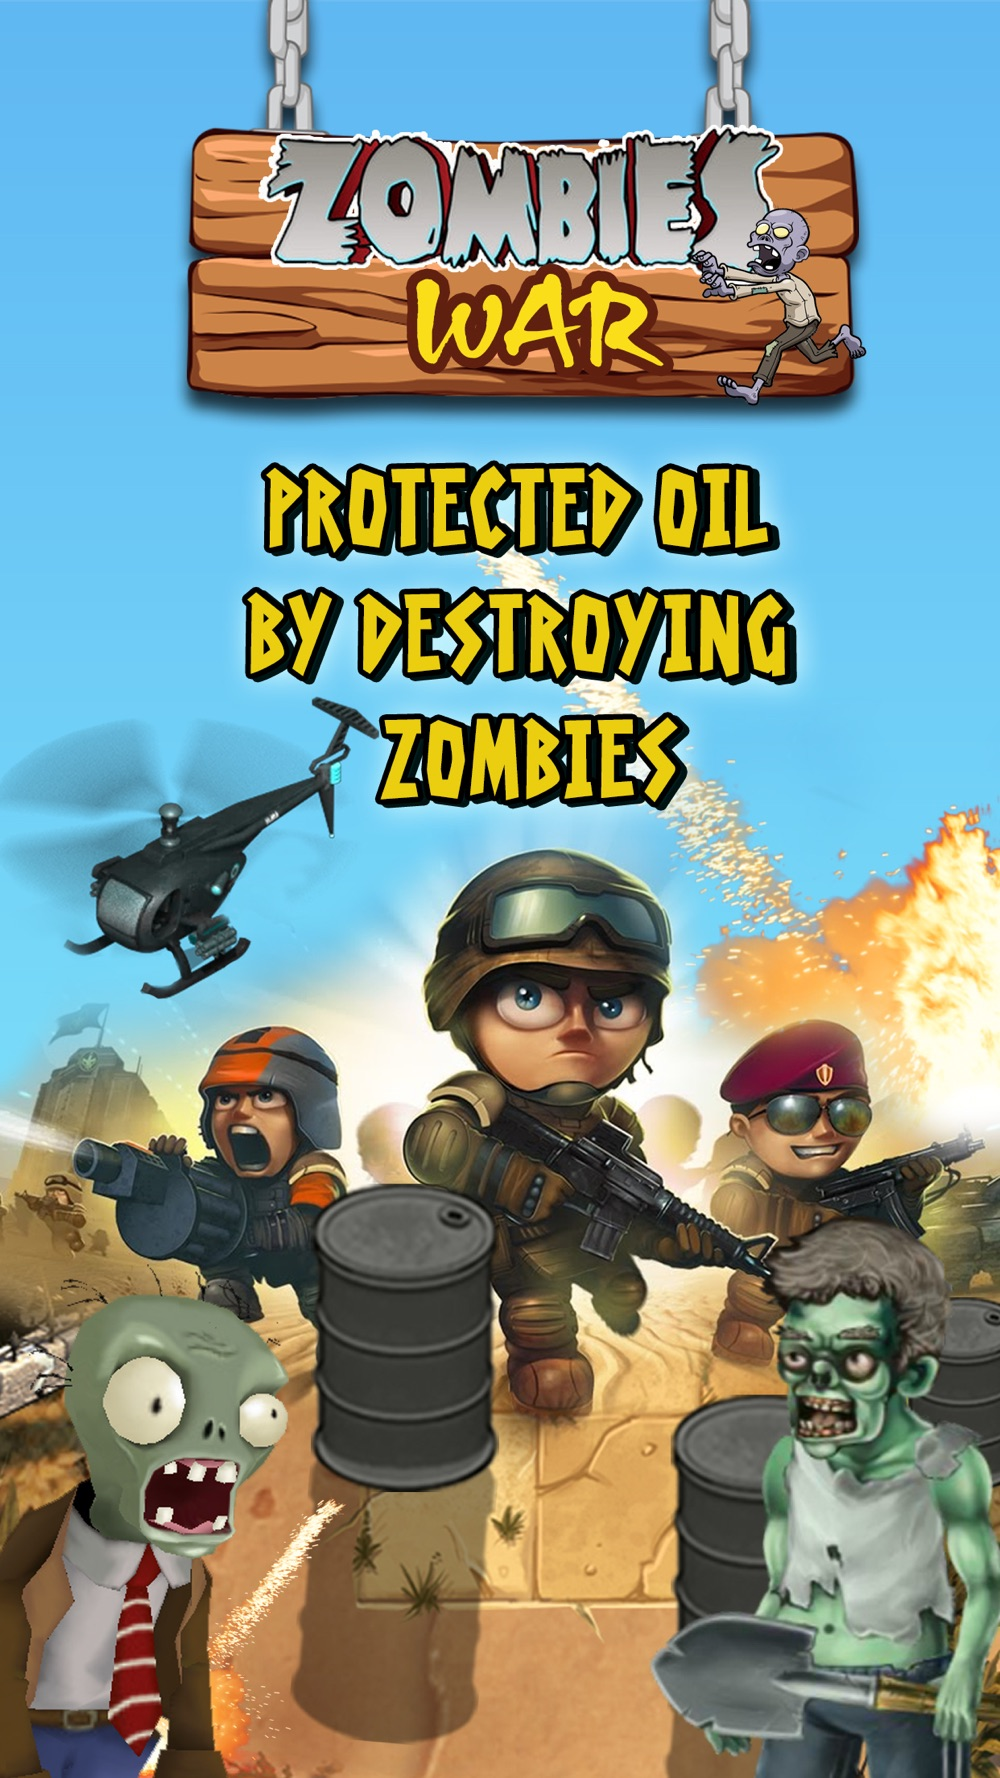 Ninja vs Zombies War in Desert Cheat Codes